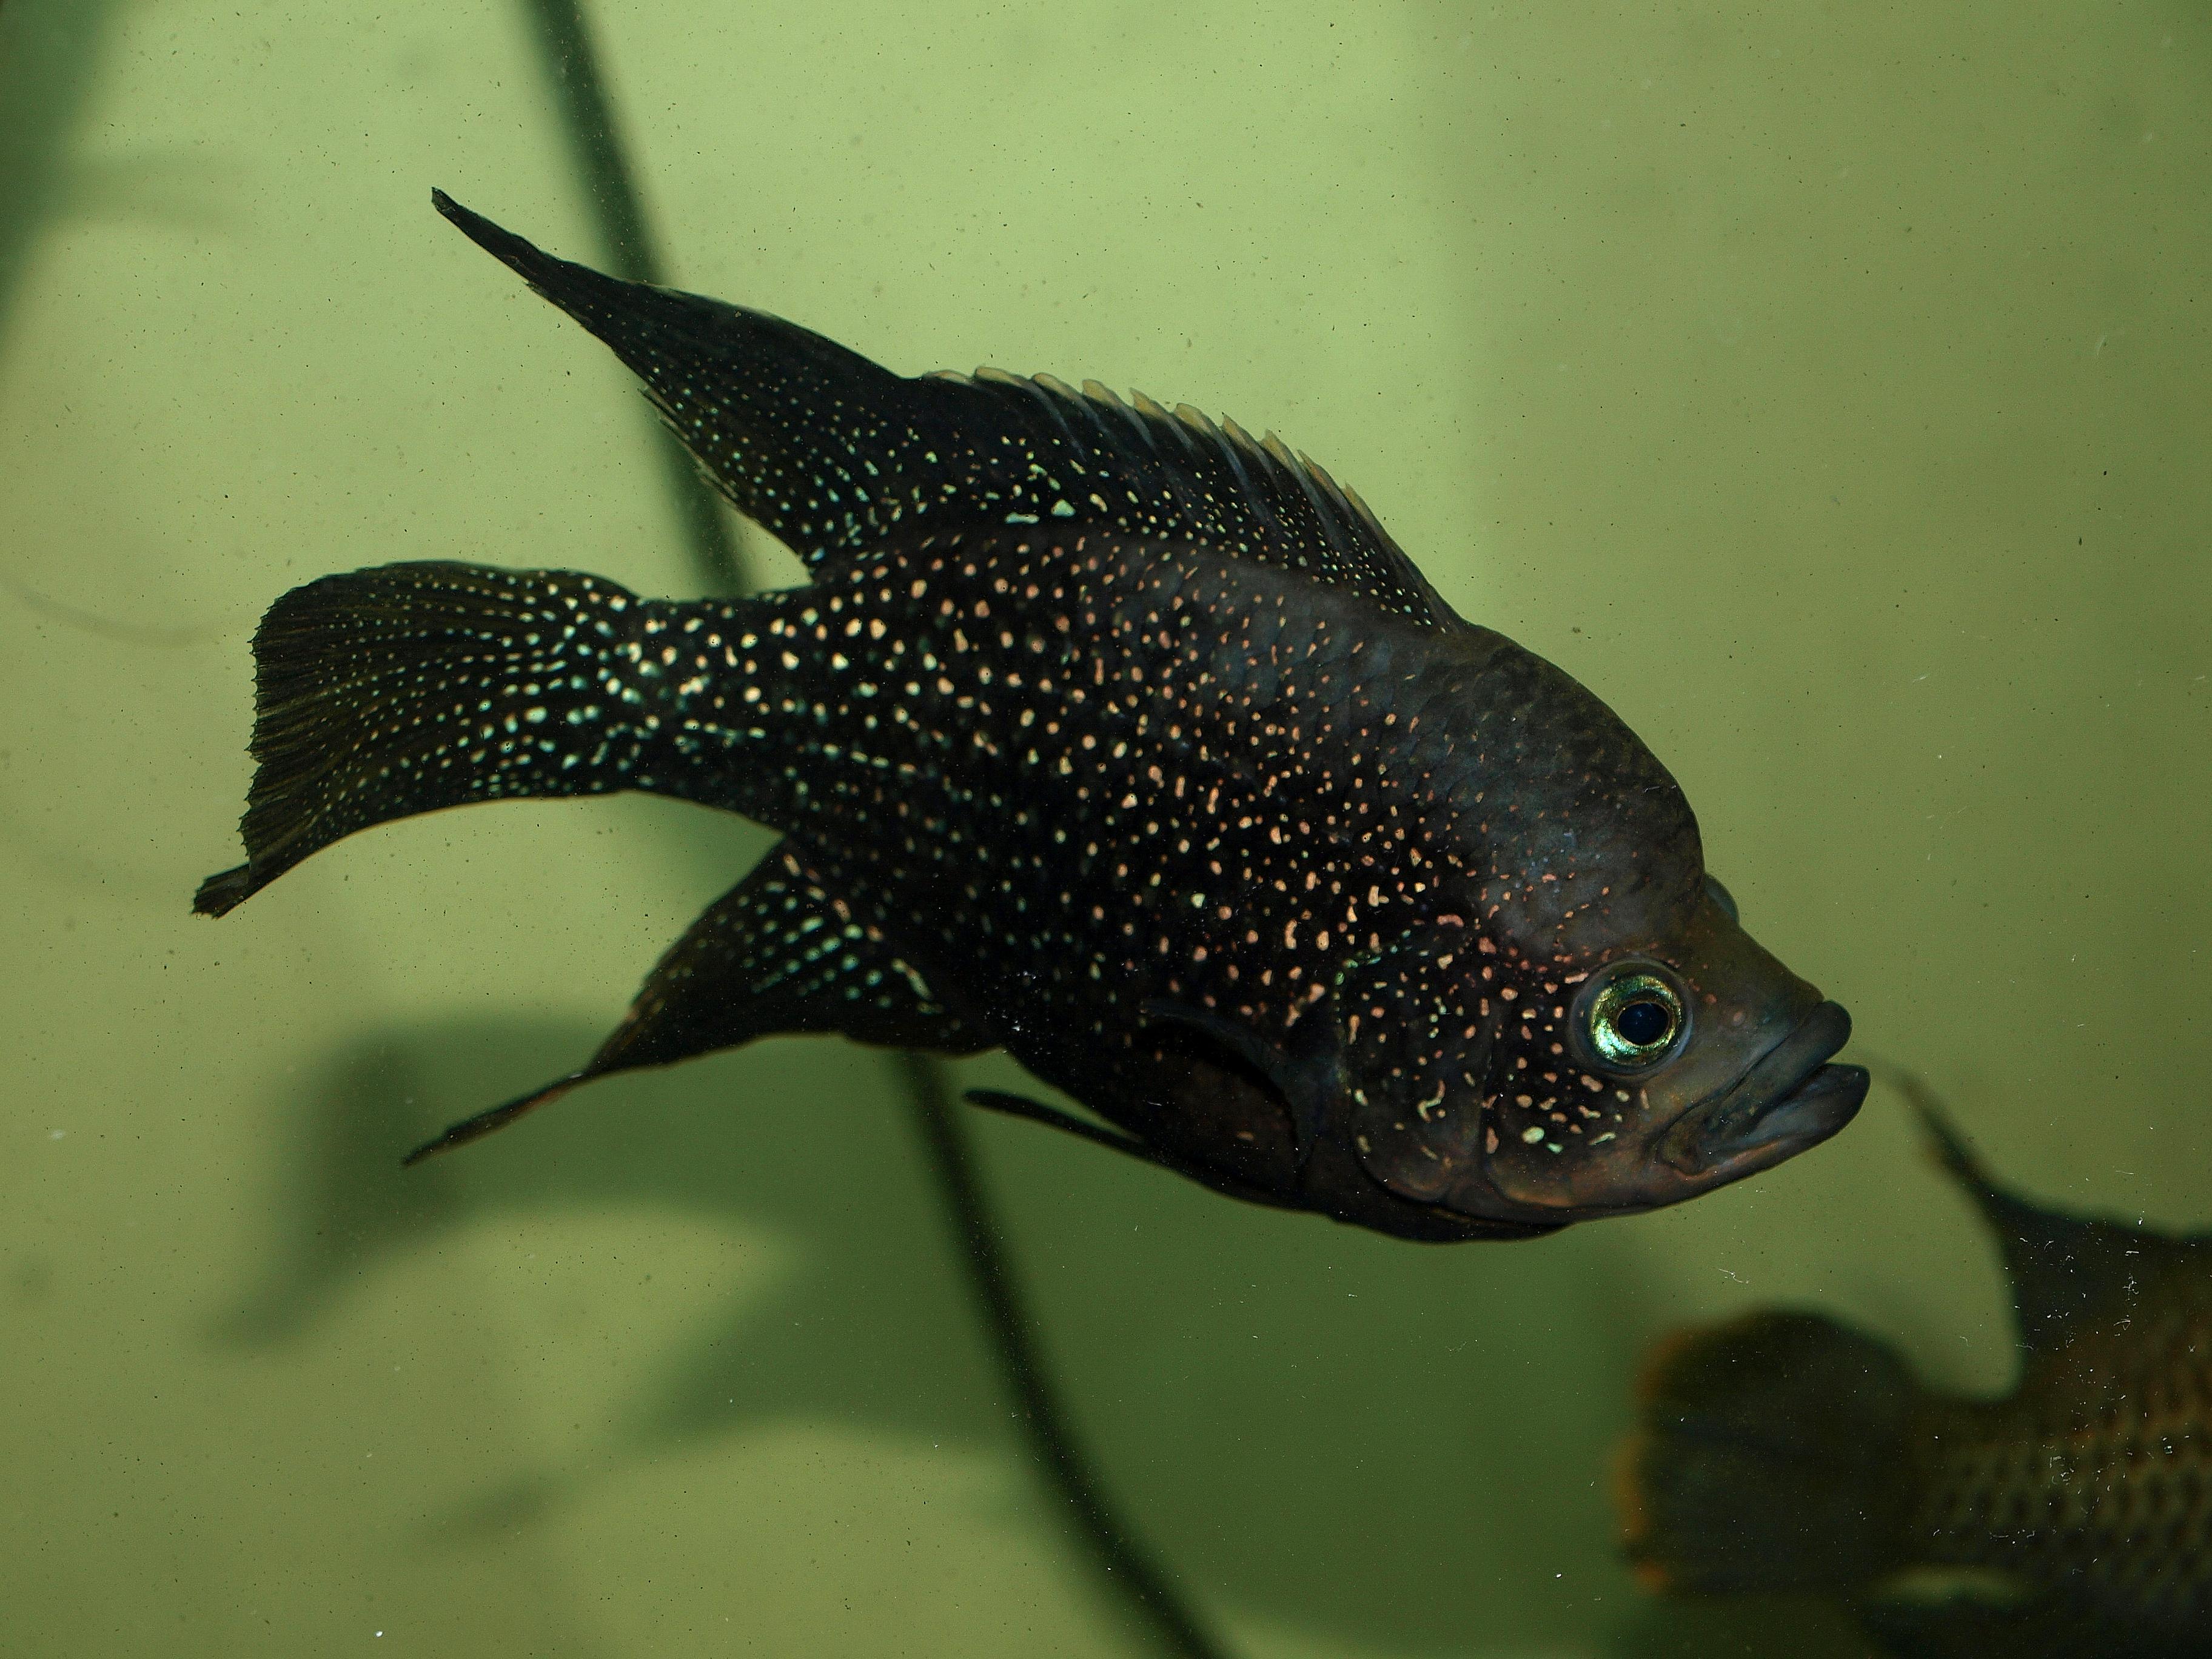 cichlids.com: Polleni